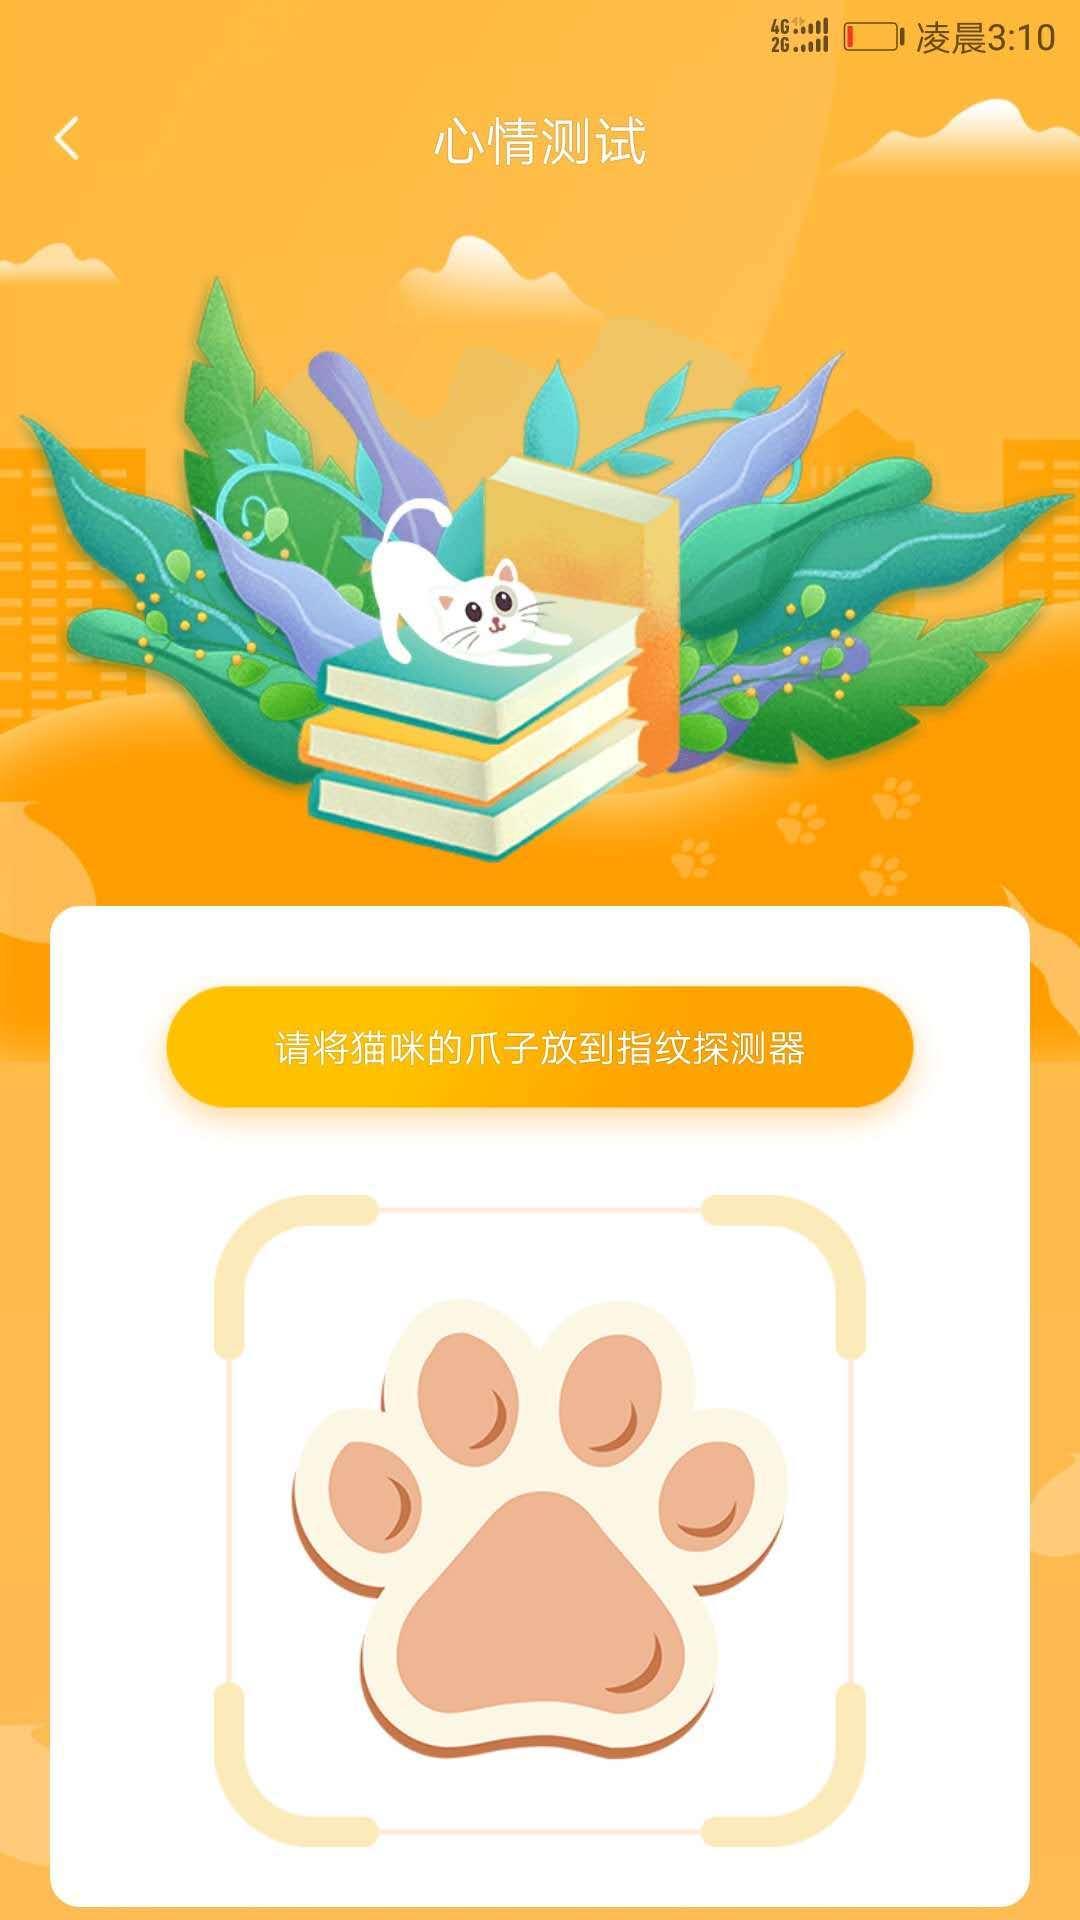 猫语翻译器截图(2)